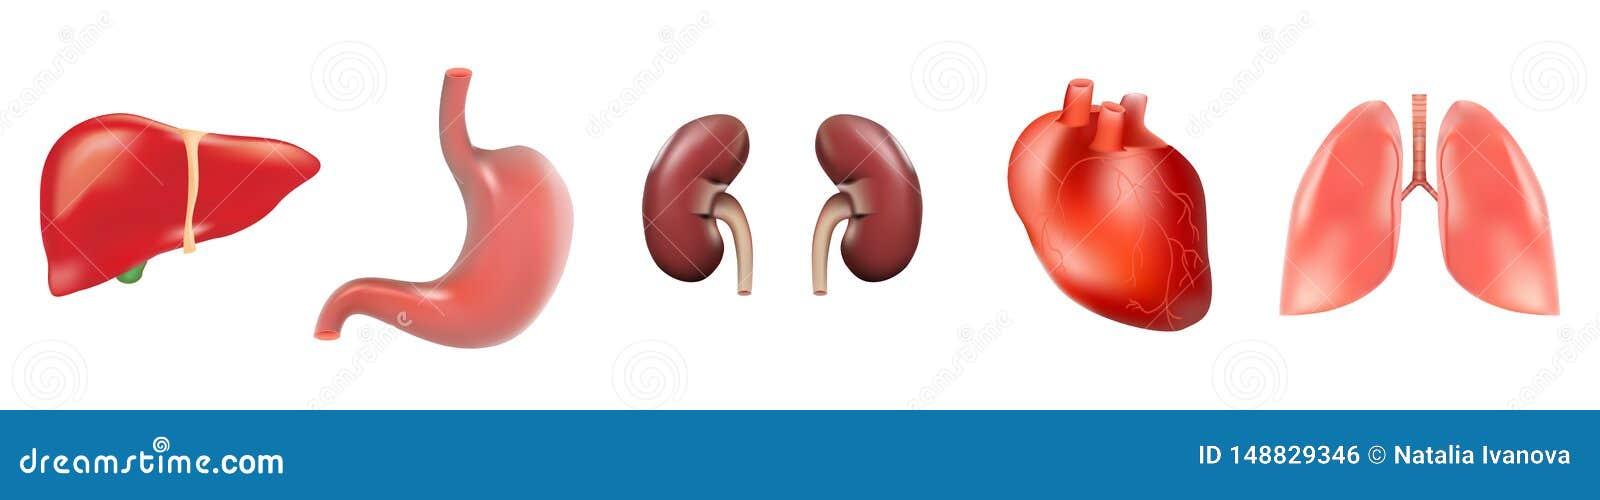 Ensemble différent des organes 3D humains avec des reins d estomac de foie de poumons de coeur d isolement sur l illustration bla